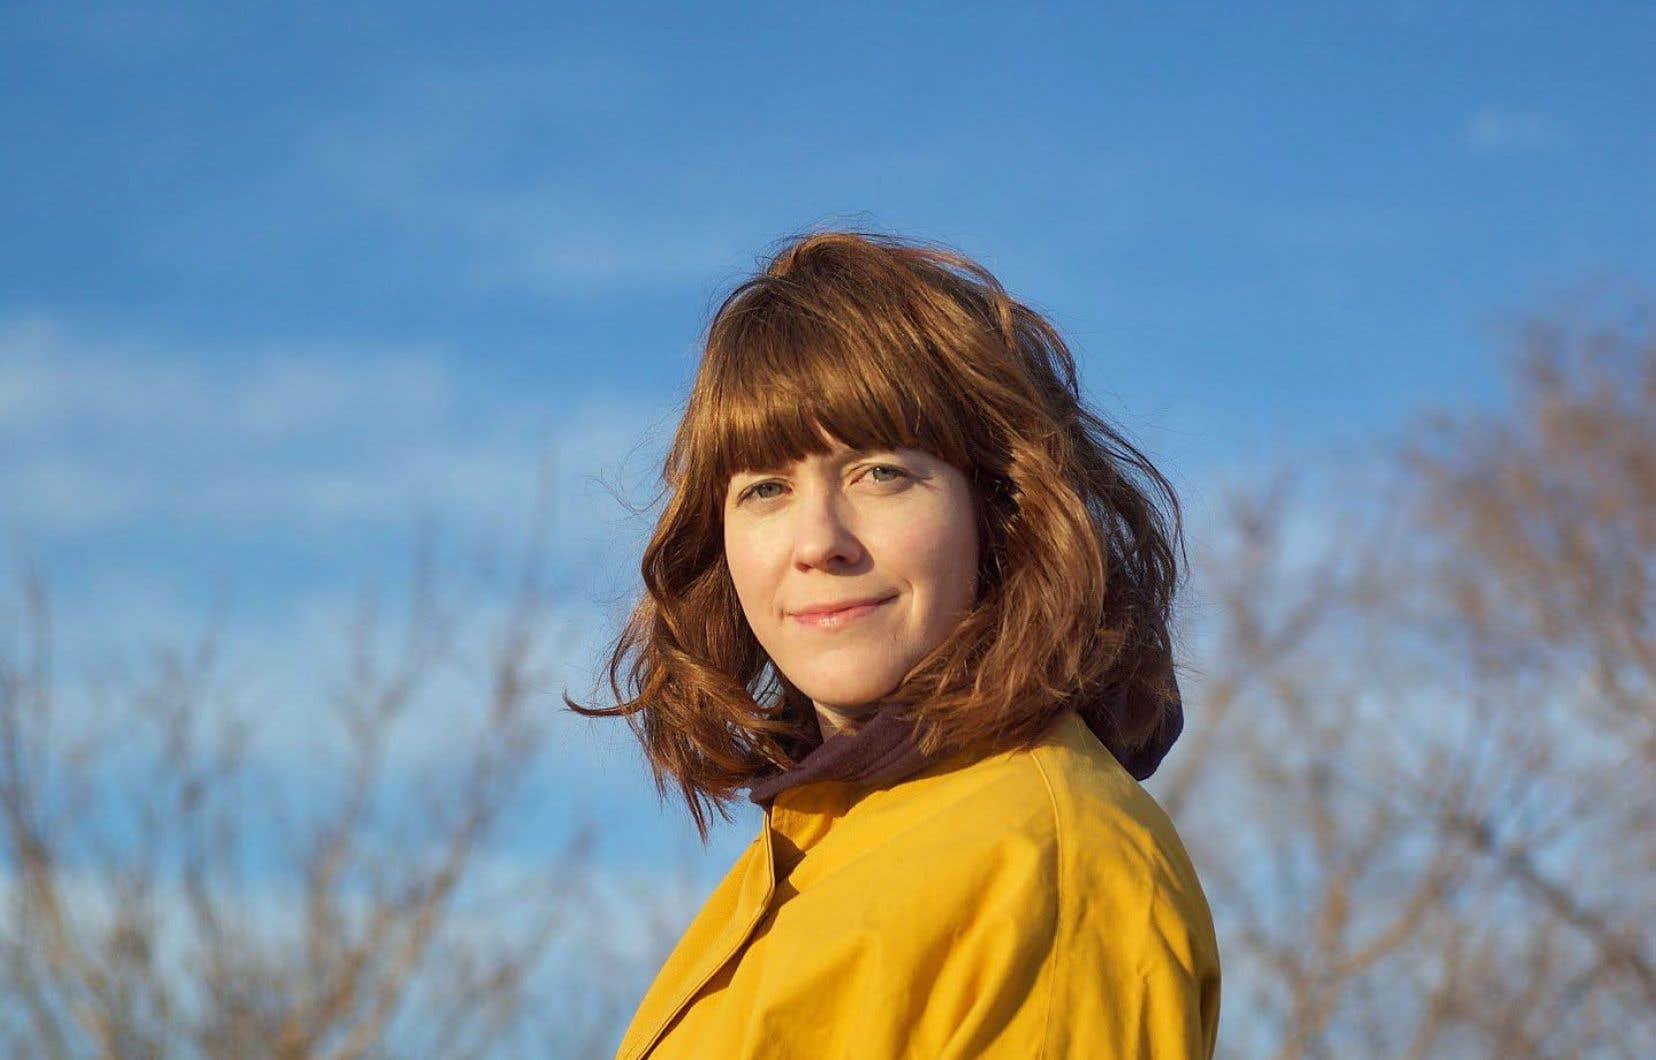 Le nouvel album de Catherine Leduc creuse des sonorités rétro, vintage, mais avec une approche contemporaine.